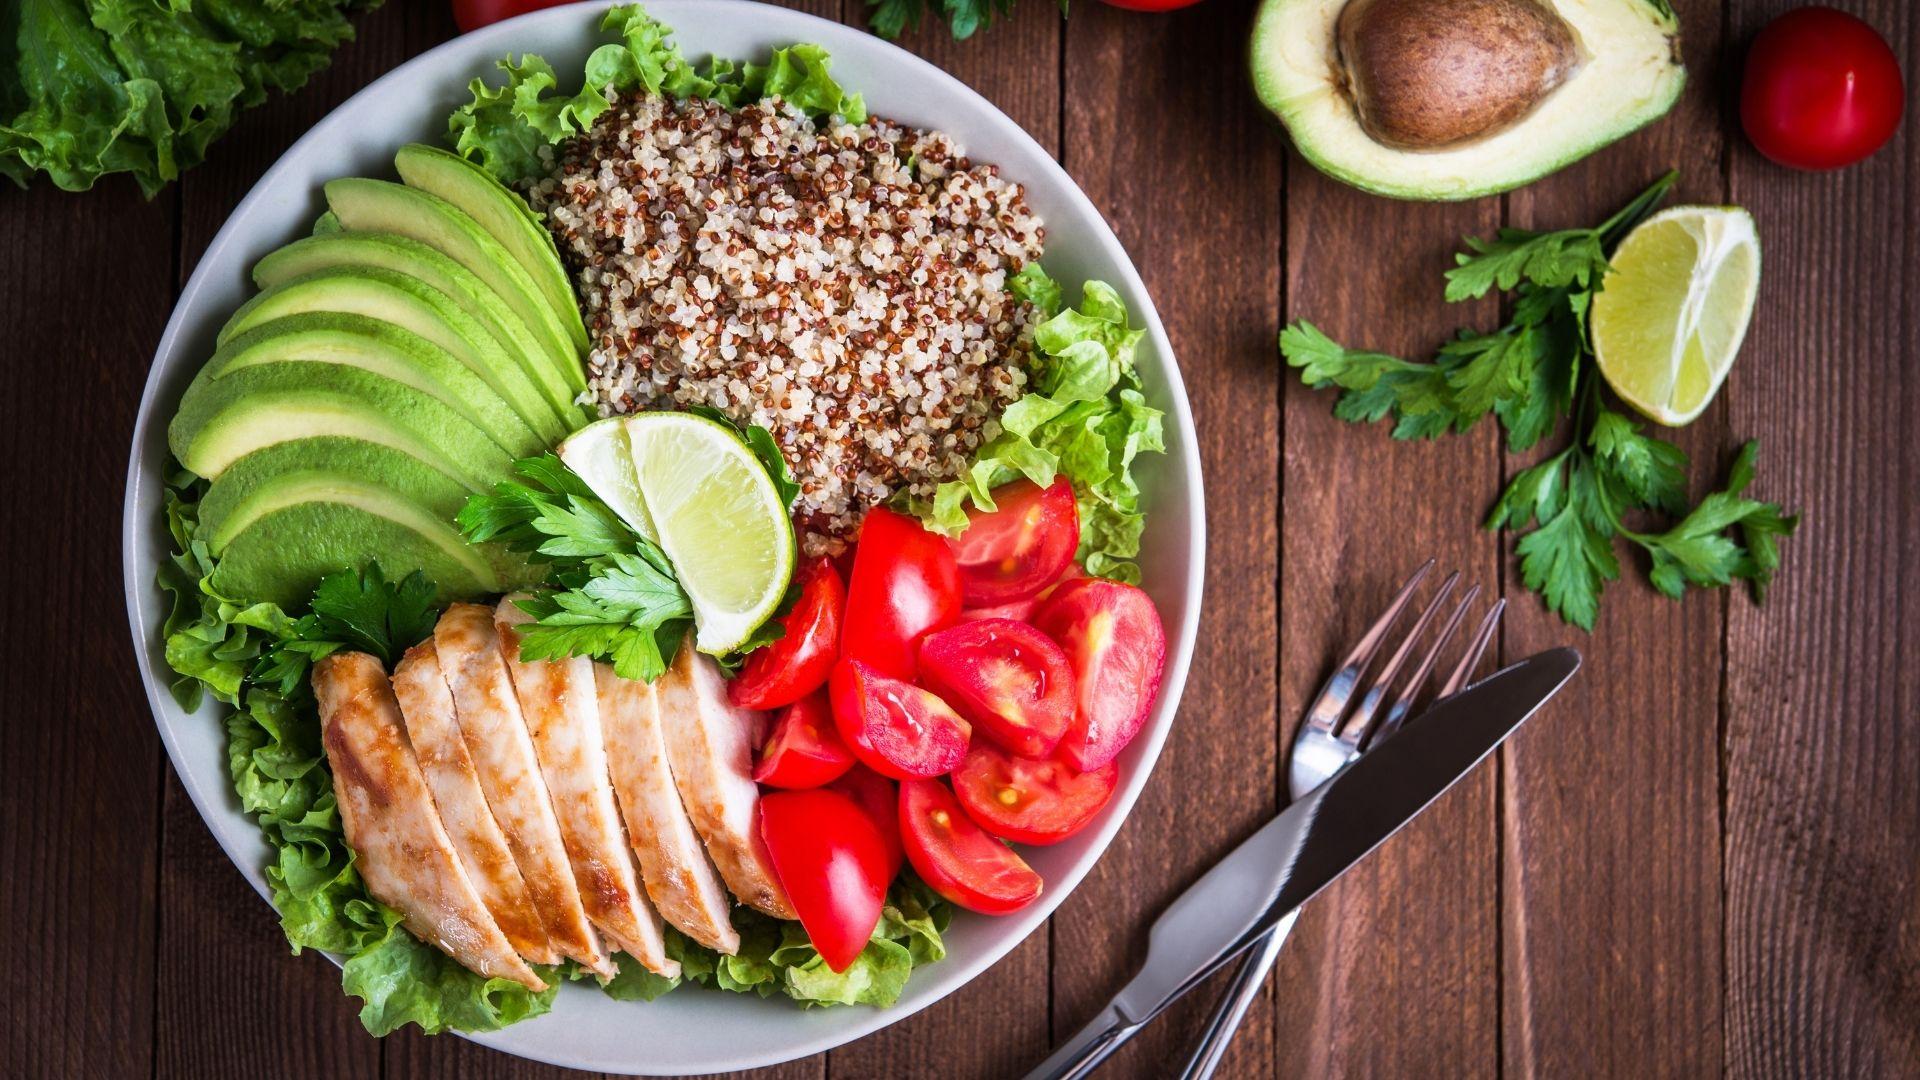 nutritious meal containing chicken, avocado, lettuce, tomato & quinoa